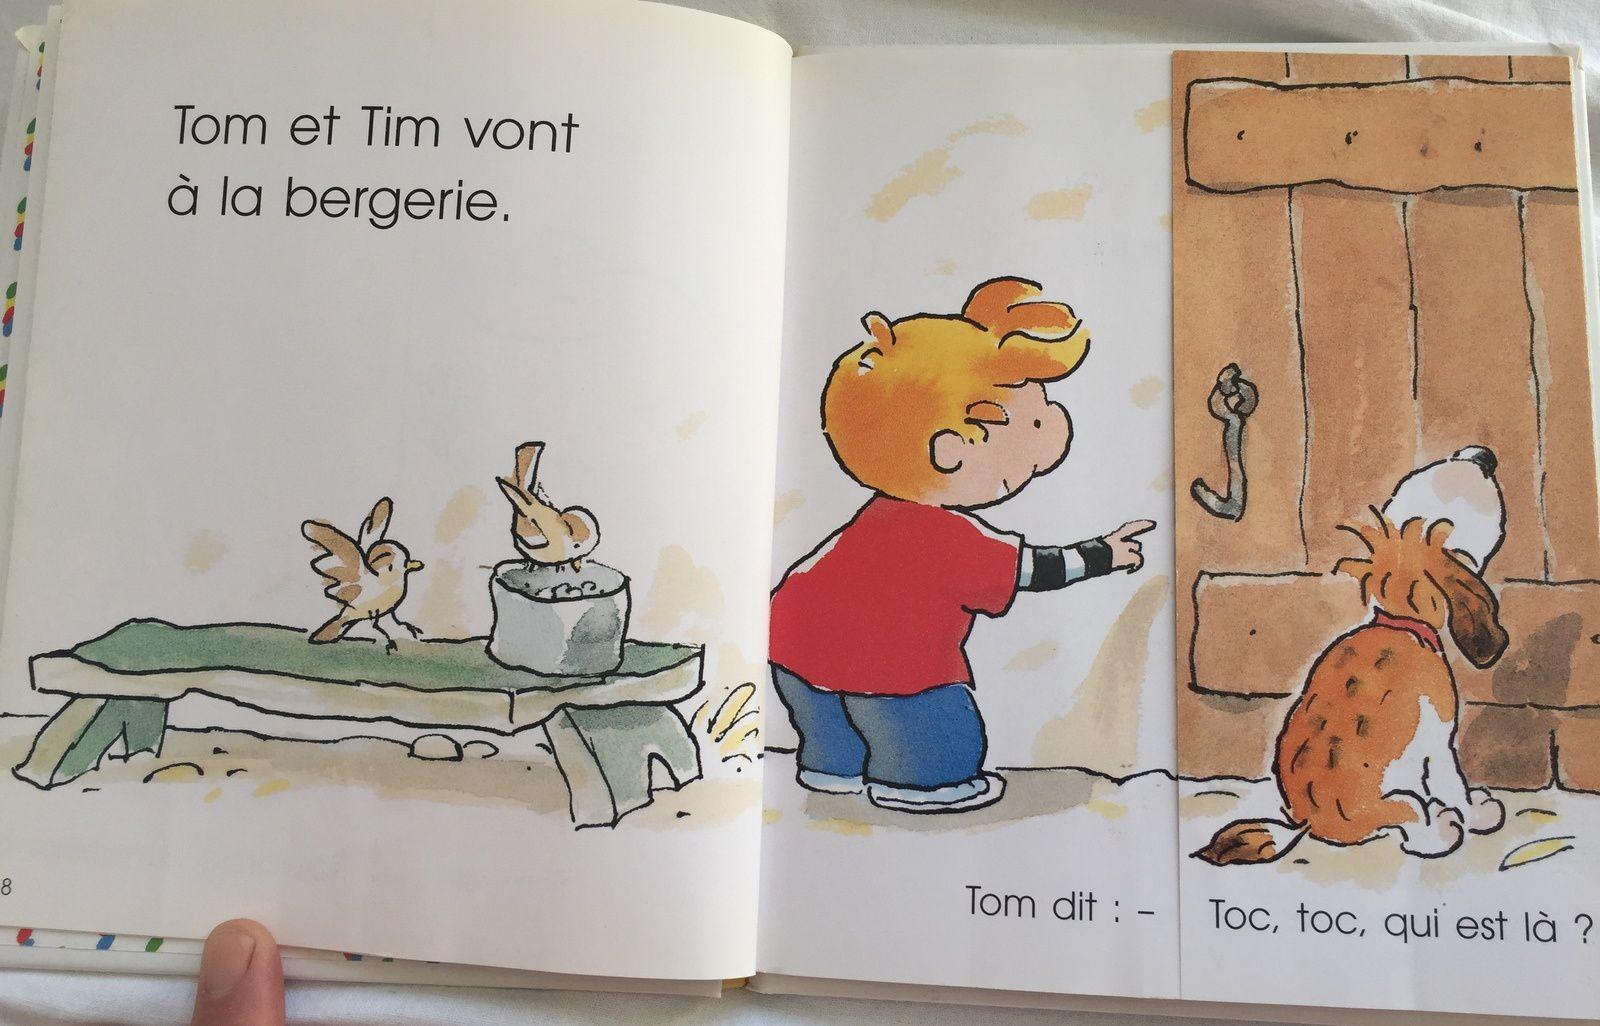 Tim et Tom balade à la ferme, livre enfant à rabat , les crottes caca d'animaux sur charlotteblablablog